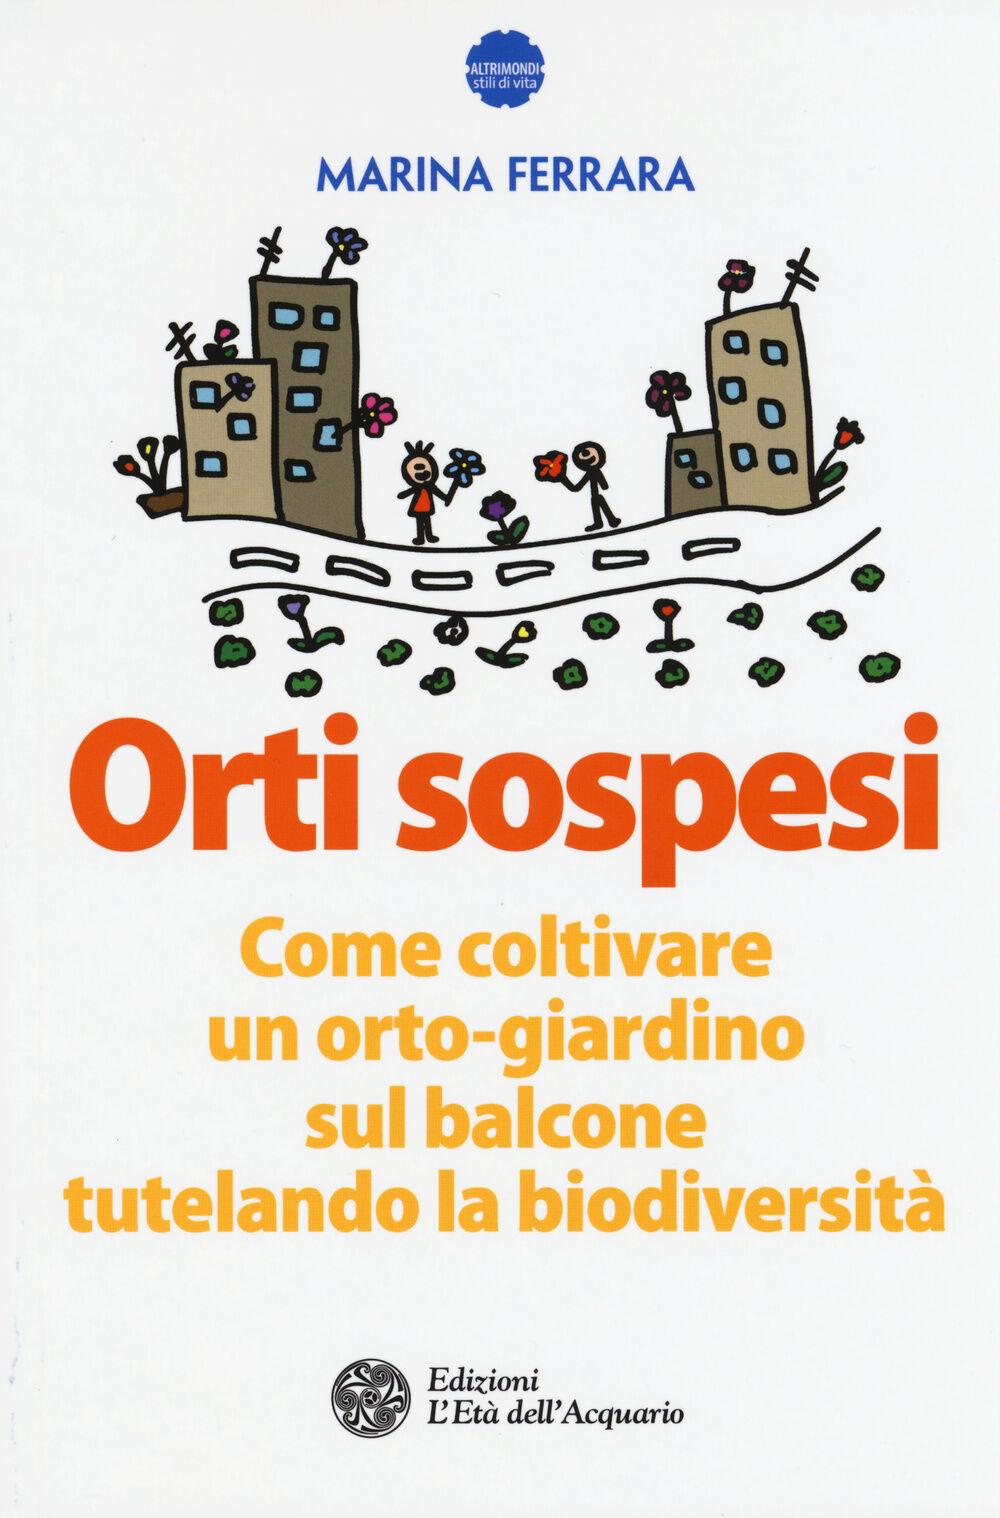 Orti sospesi. Come coltivare un orto-giardino sul balcone tutelando la biodiversità